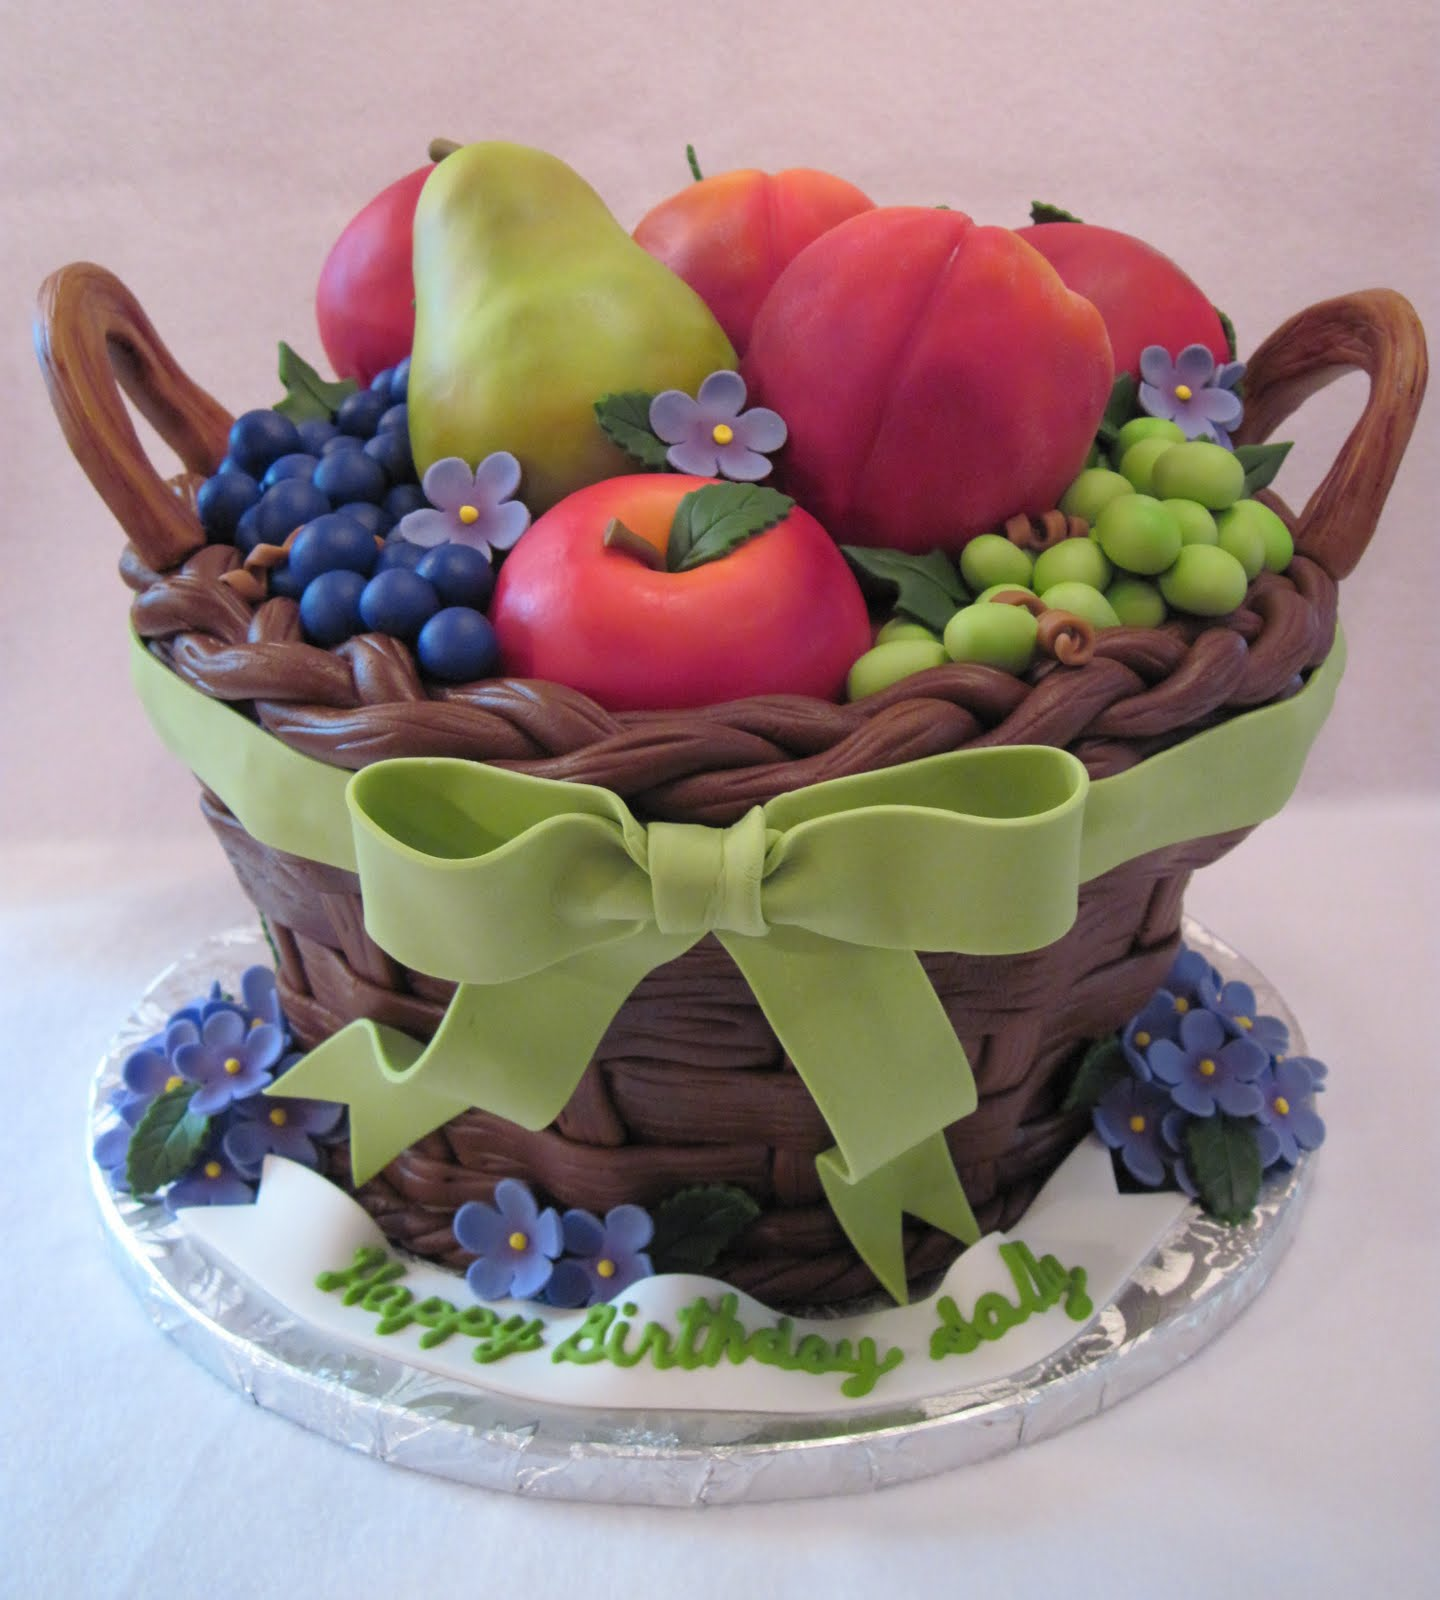 Фото tort ukrashennyj fruktami 21.